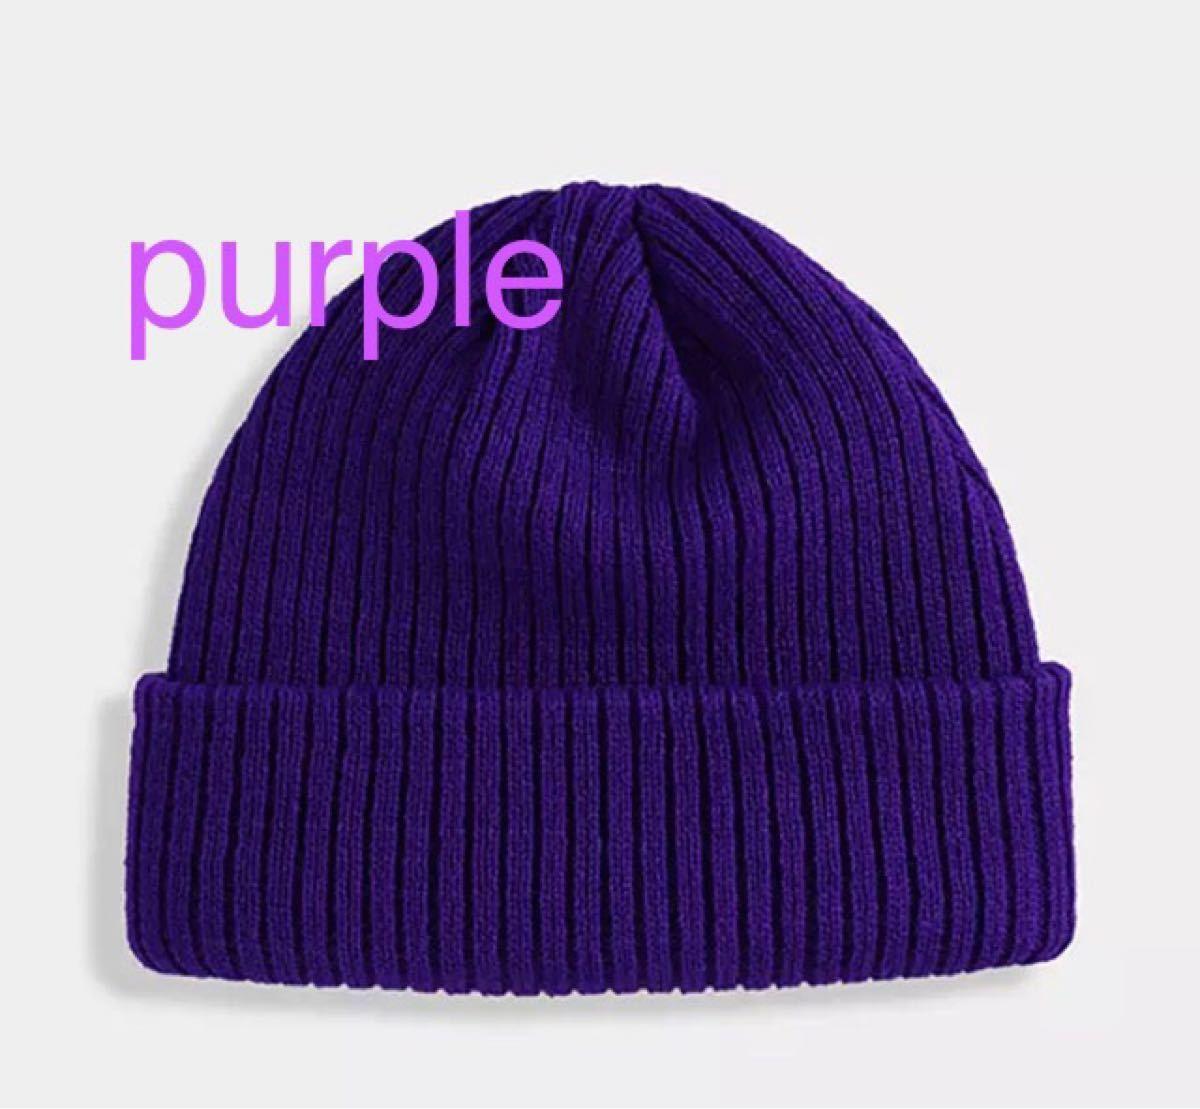 ニット帽 ビーニー パープル 紫 無地 ニットキャップ